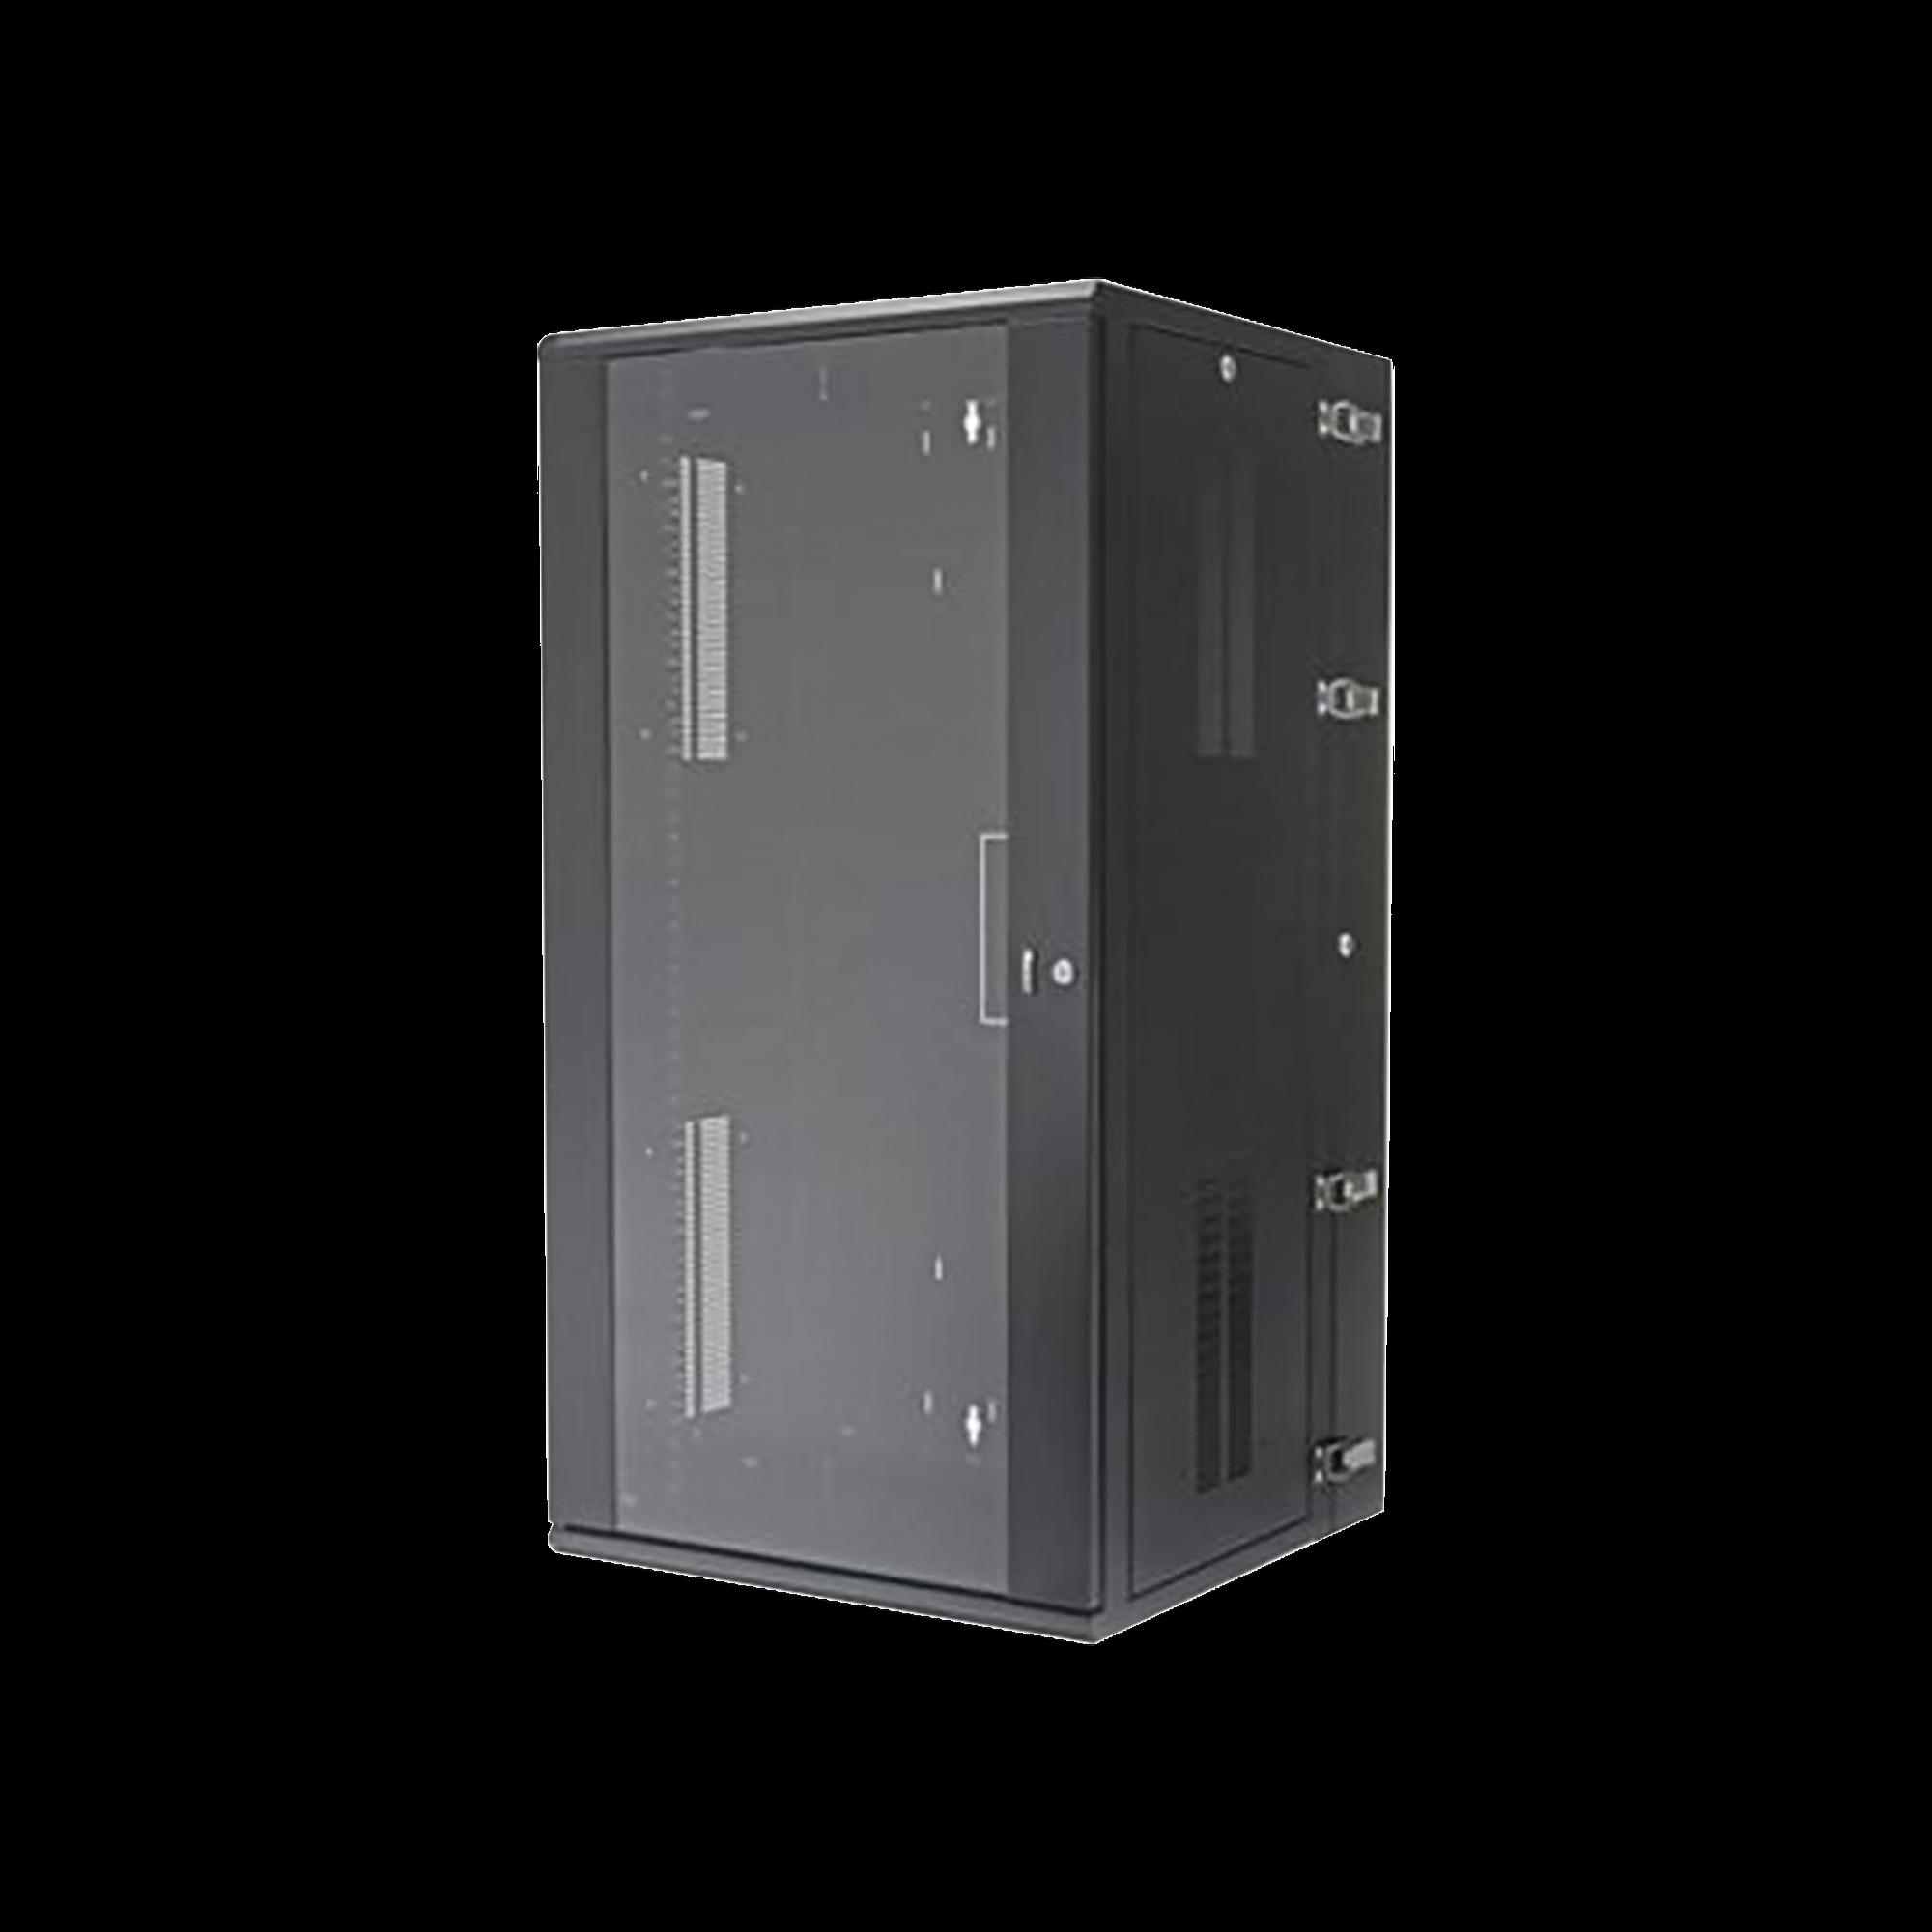 Gabinete PanZone de Montaje en Pared, de 19in, Puerta con Ventana de Seguridad, 26 UR, 635mm de Profundidad, Color Negro